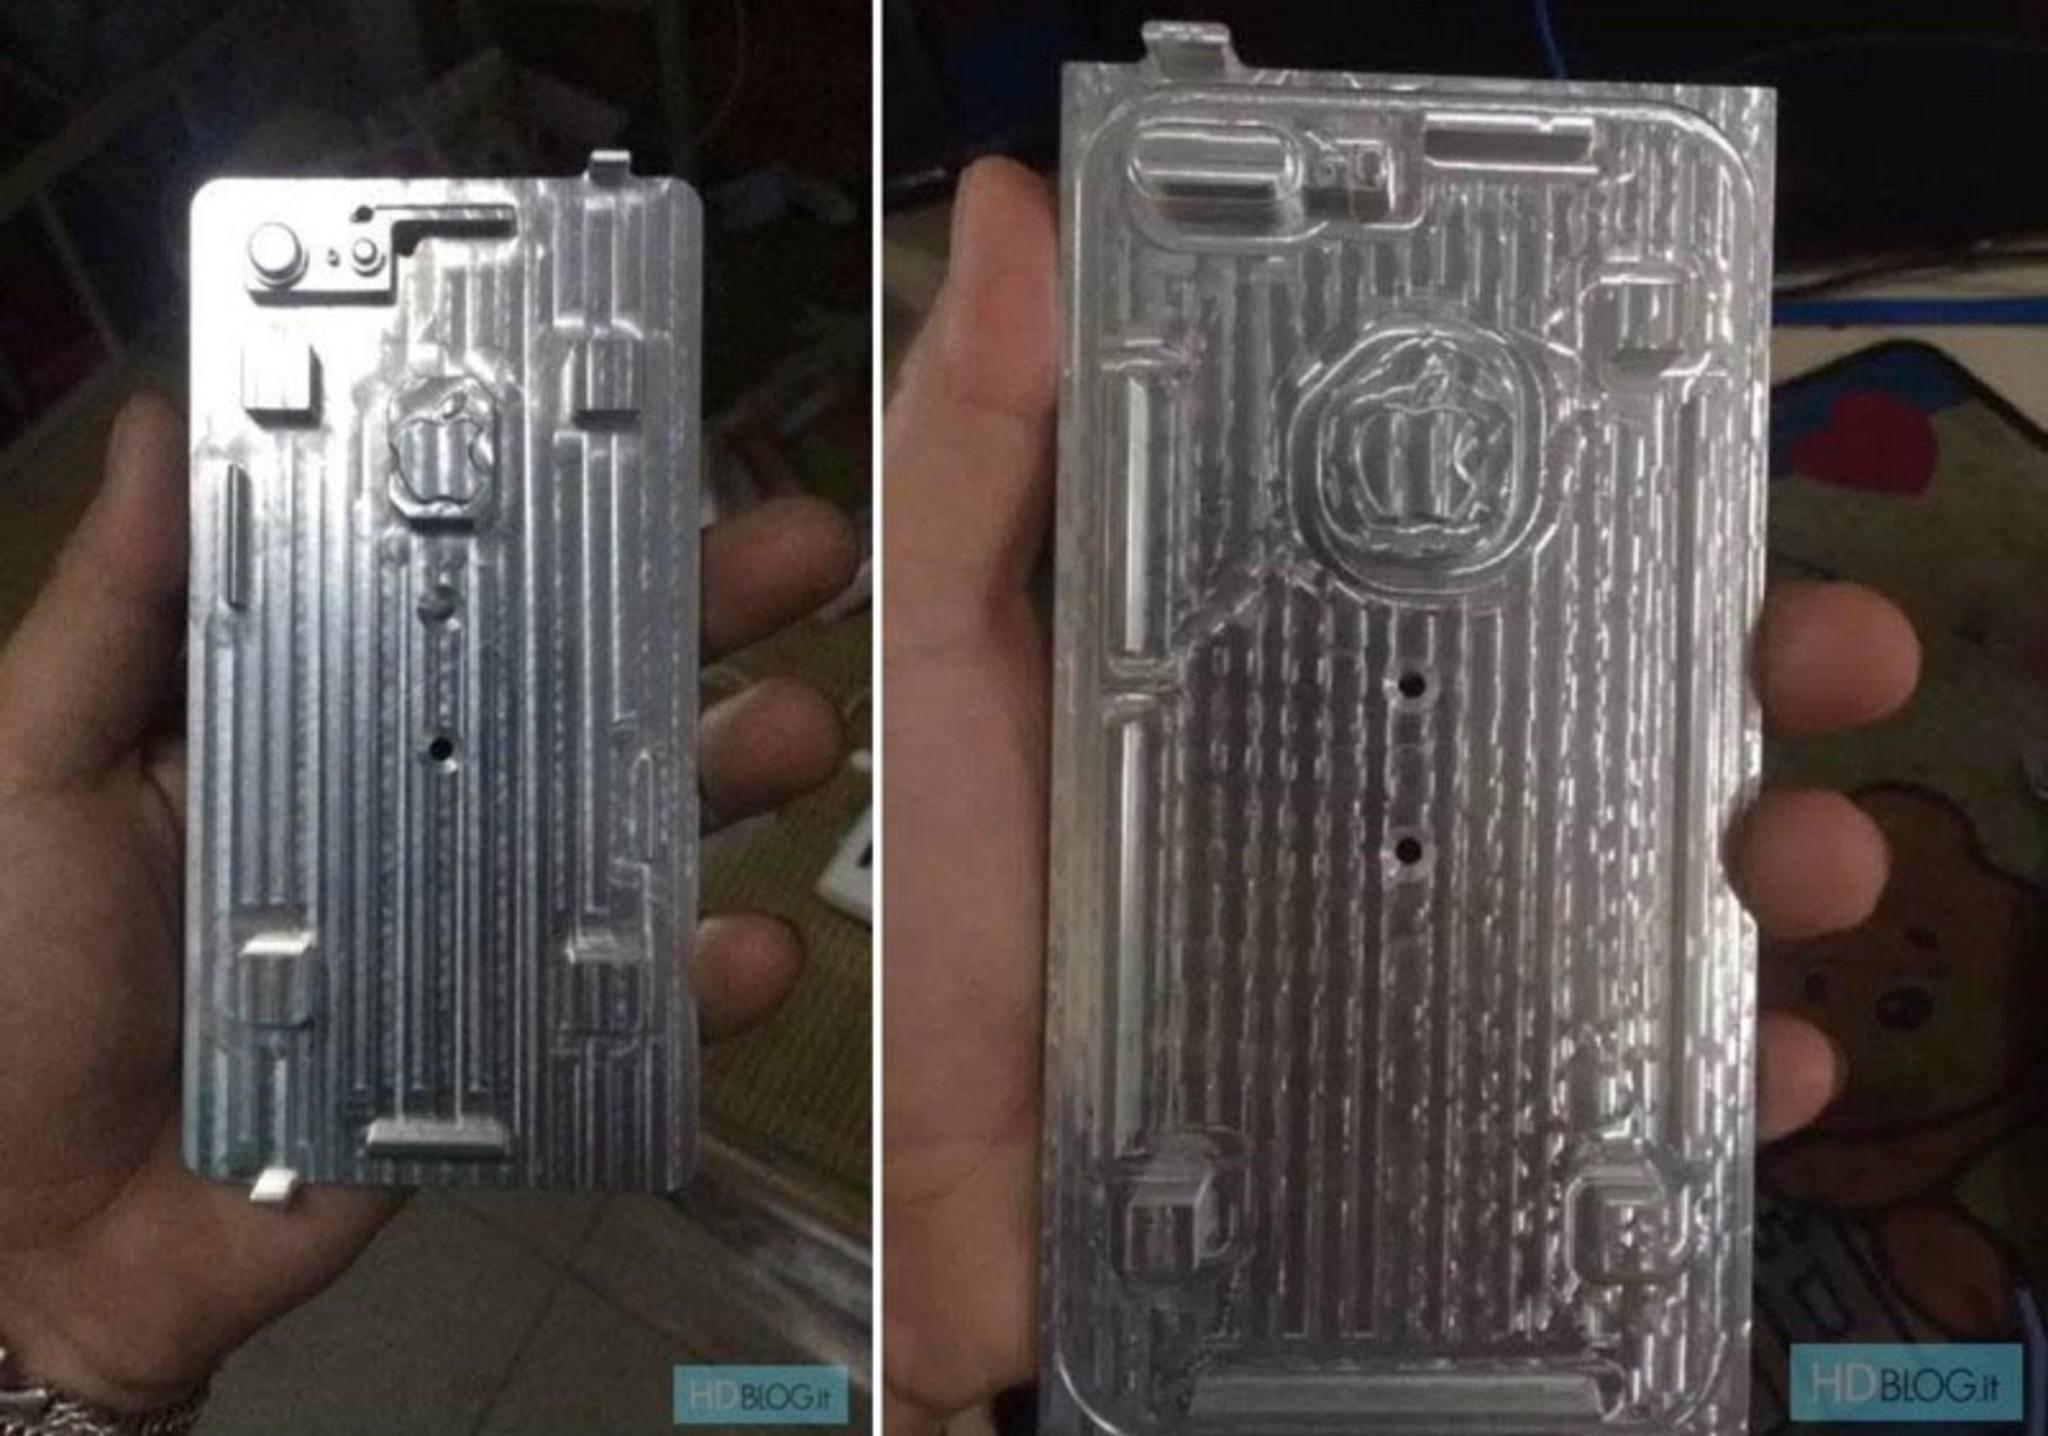 Diese Gussformen sollen angeblich für das iPhone 7 und iPhone 7 Plus dienen.